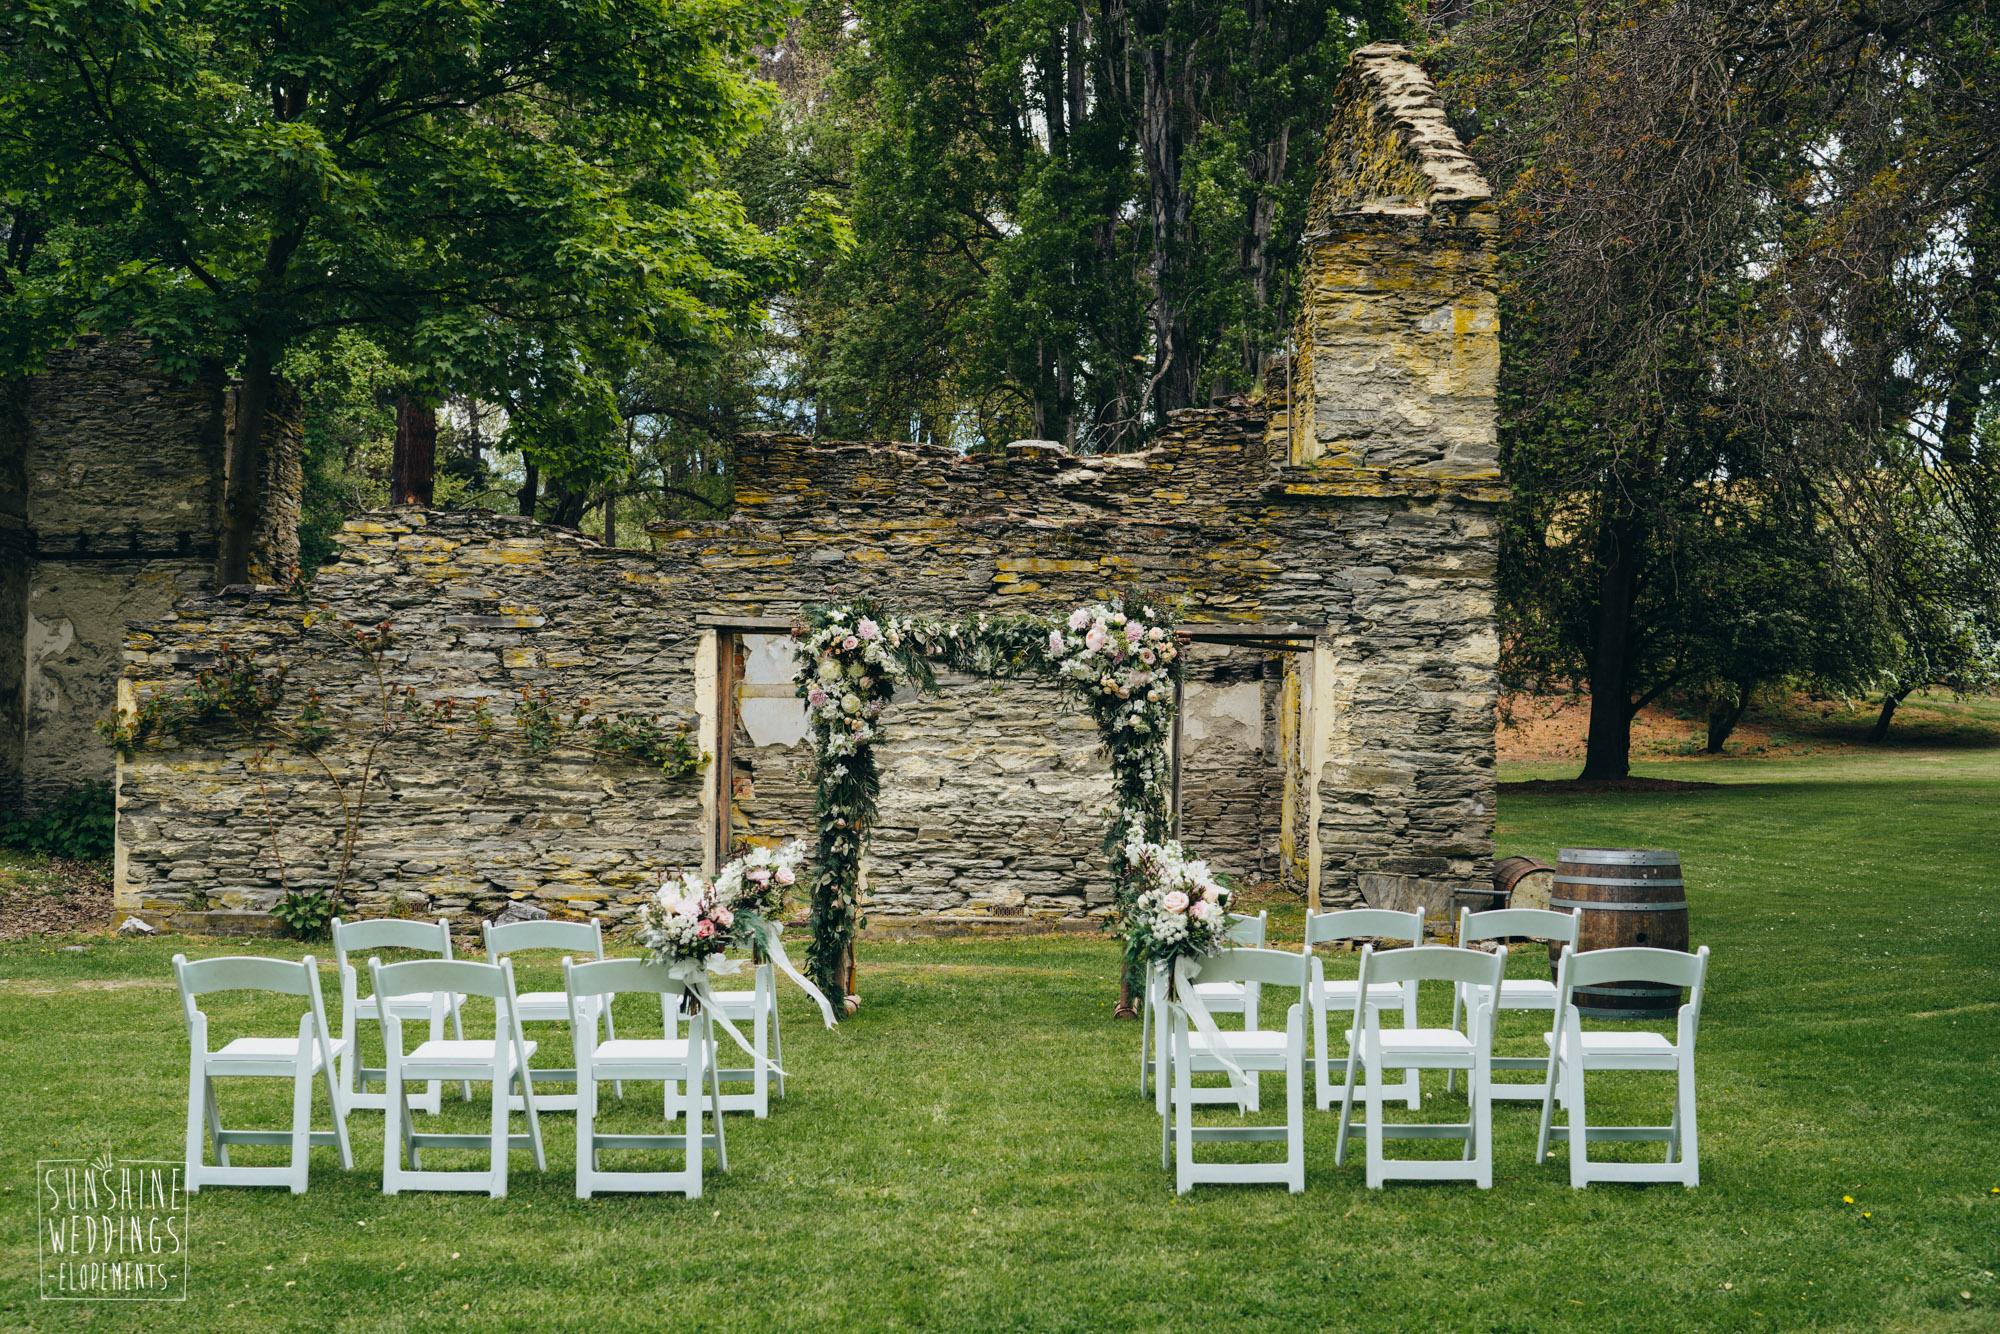 Thurlby Domain wedding, wedding venue in Queenstown, hidden gems Queenstown, stone ruins Queenstown